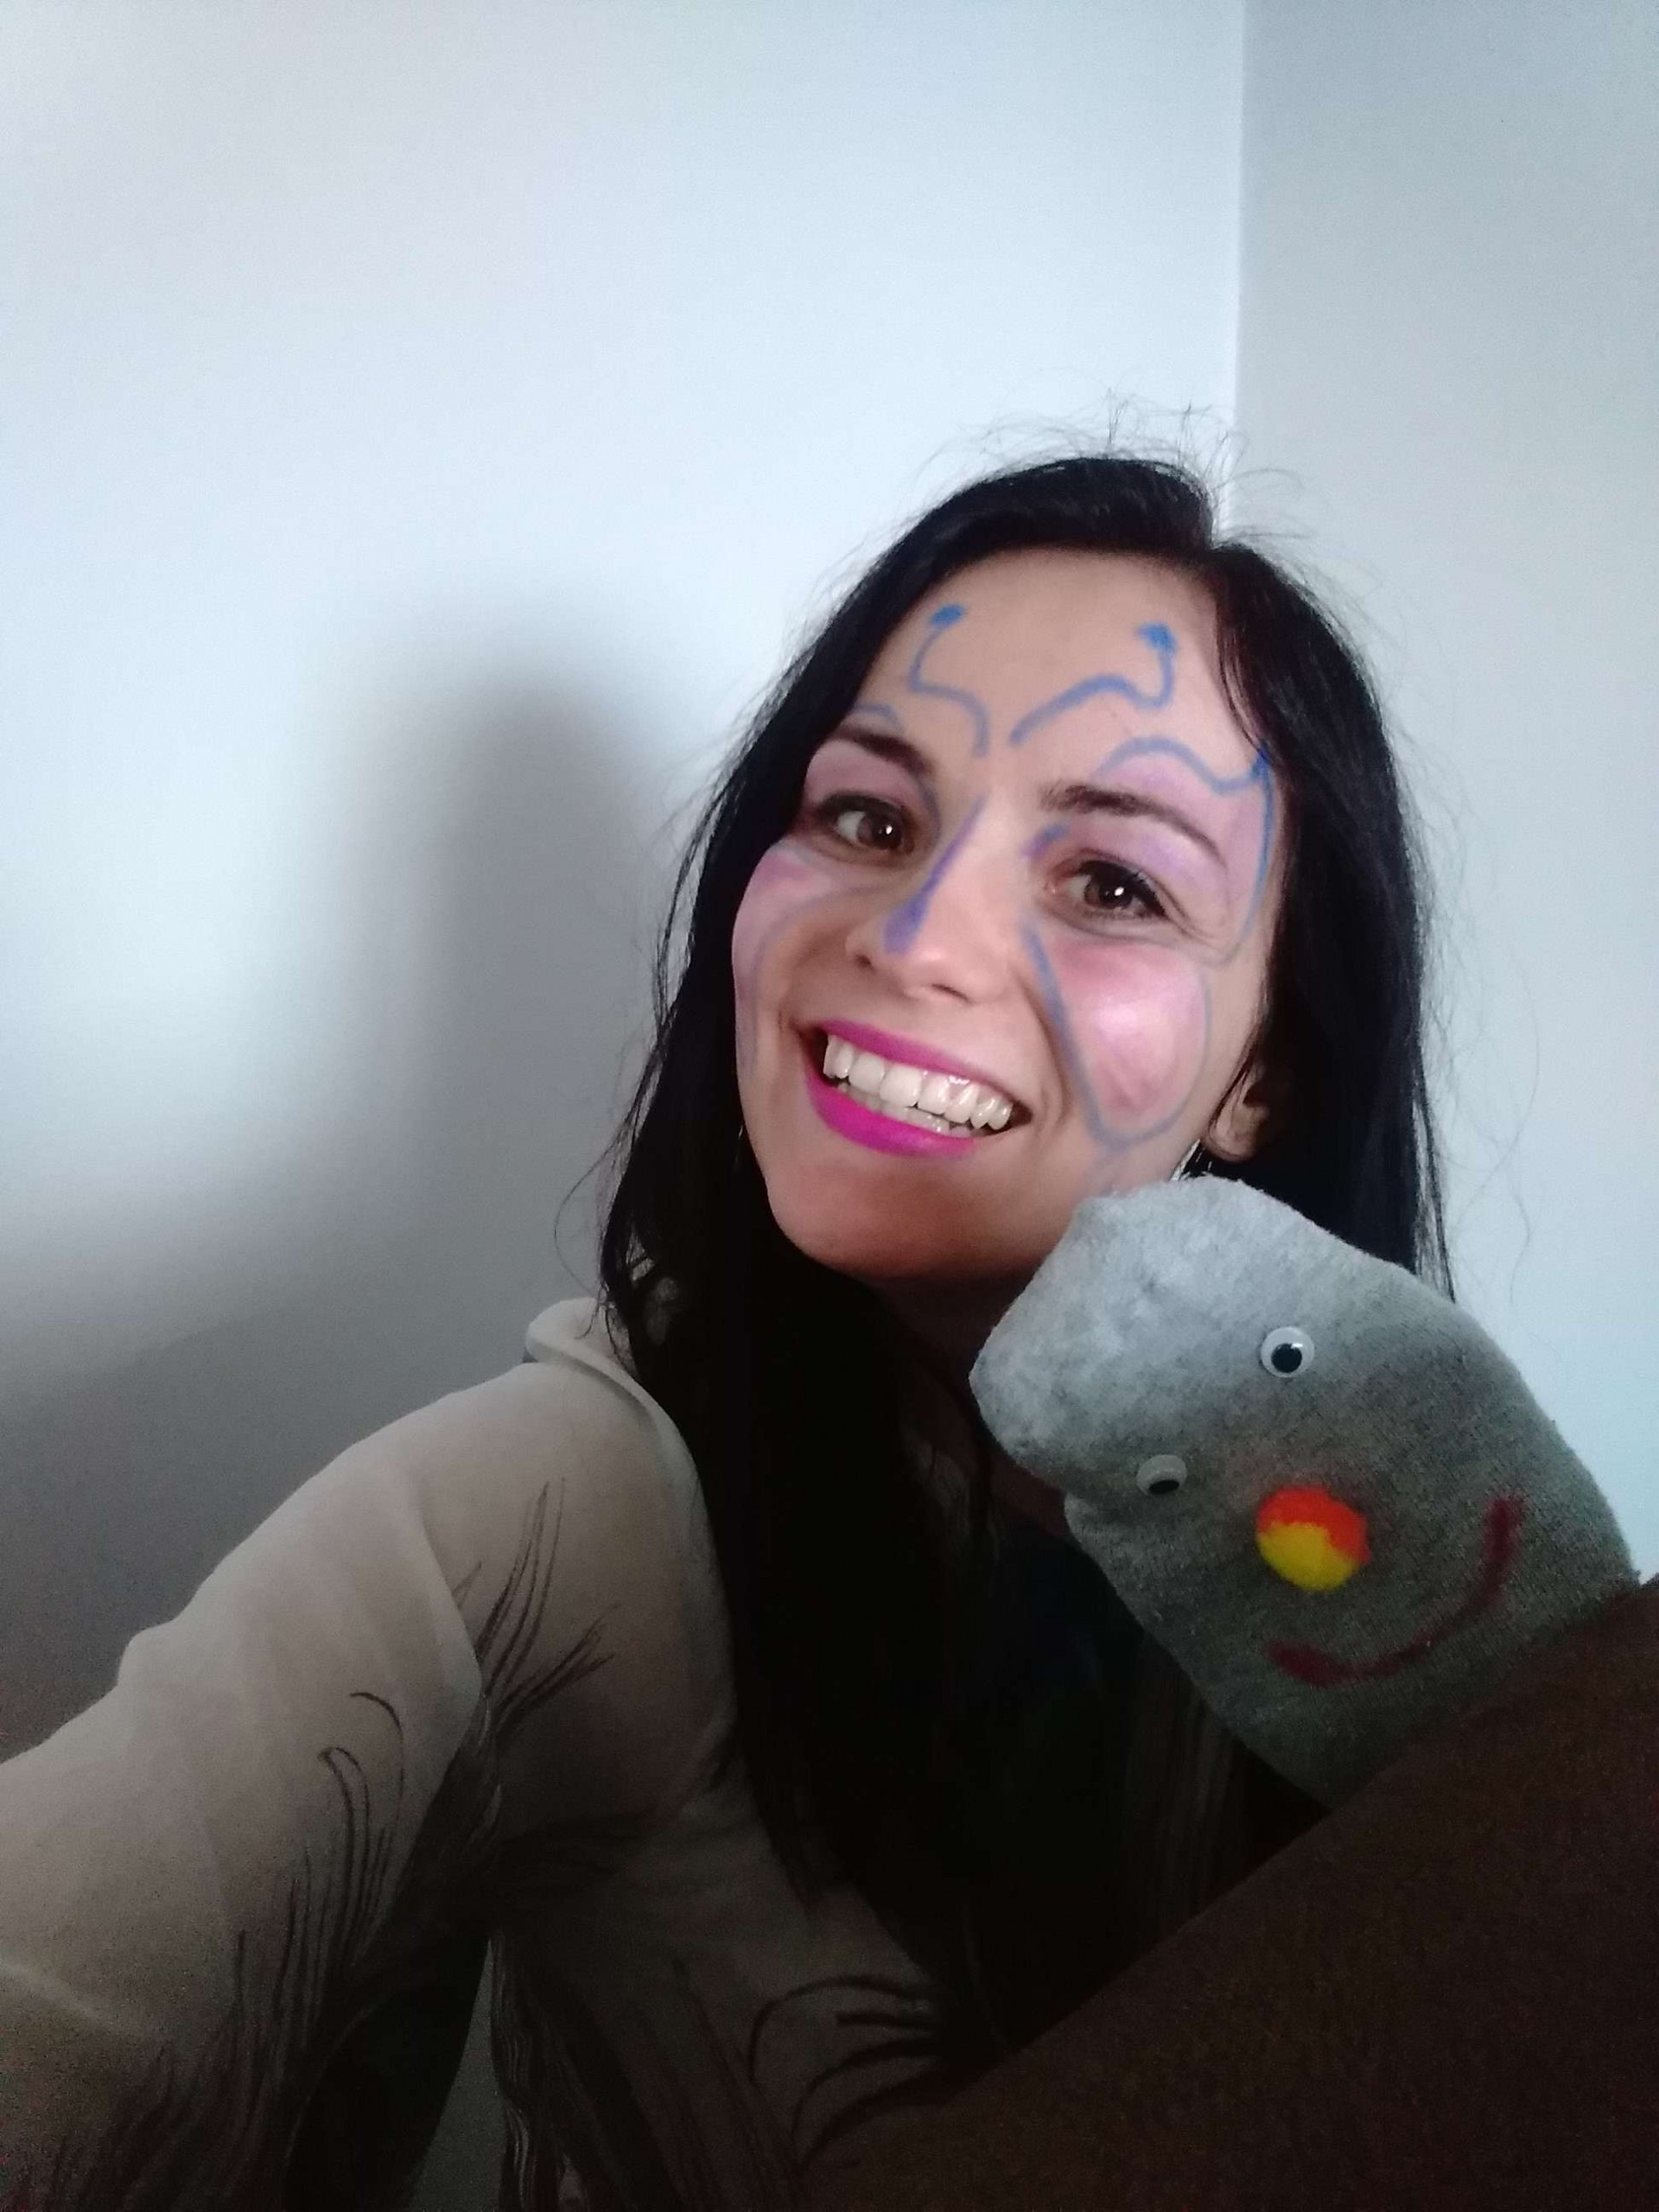 NA zdjęciu uśmiechnięta czarnowłosa kobieta. Ma na twarzy namalowane kolorowe wzorki. W ręce ma pacynkę ze skarpetki